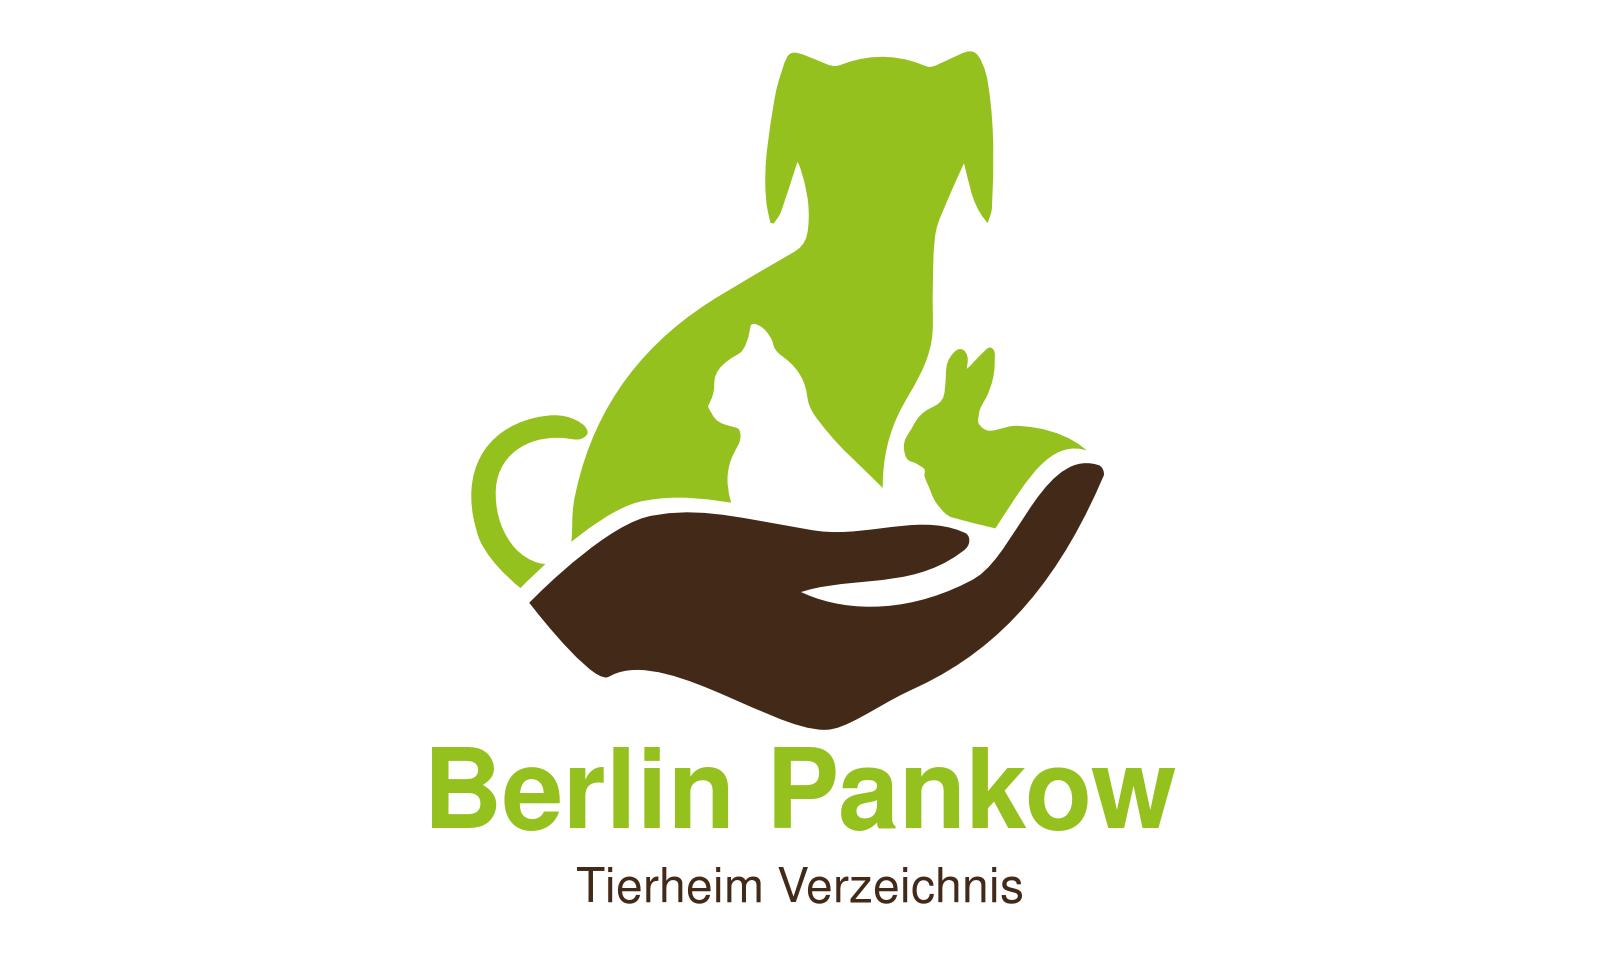 Tierheim Berlin Pankow